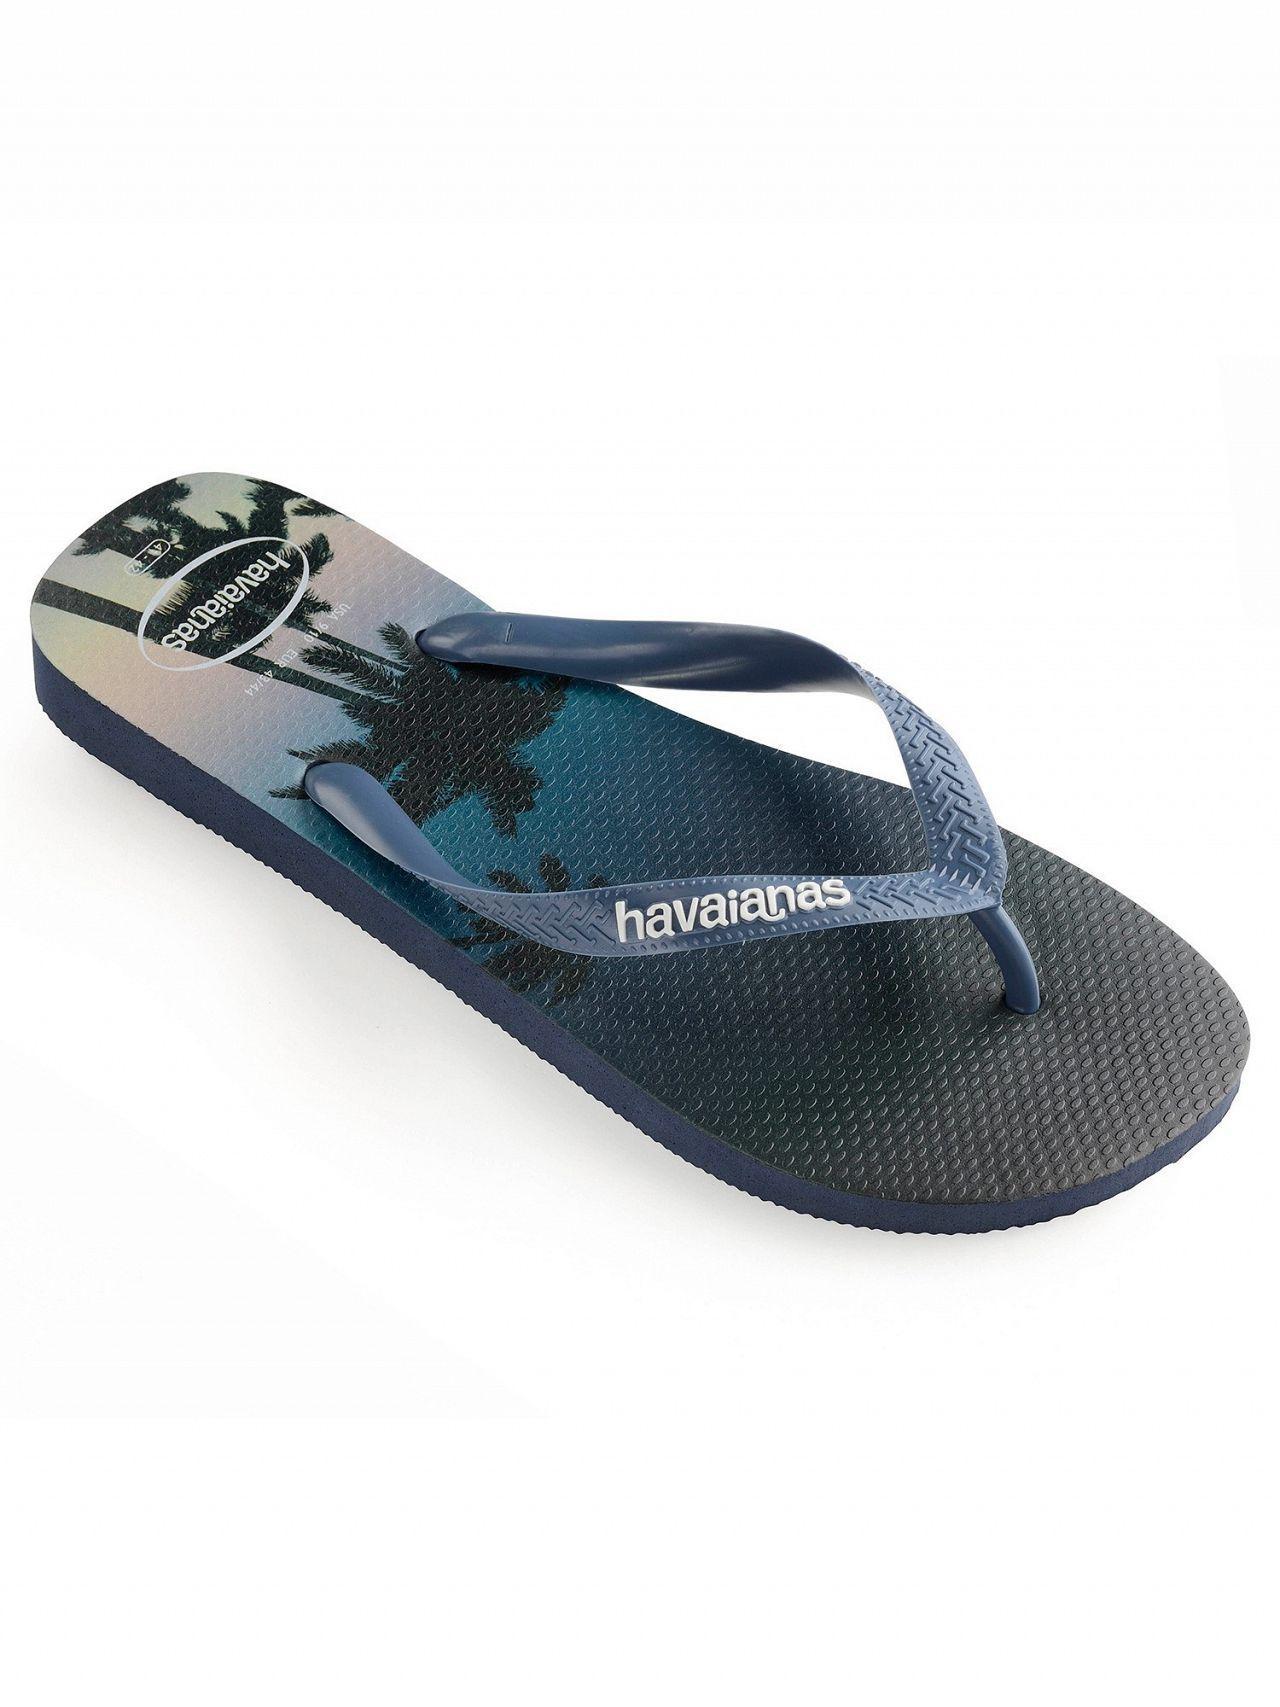 c1a4e91ba Havaianas - Navy blue Hype Flip Flops for Men - Lyst. View fullscreen